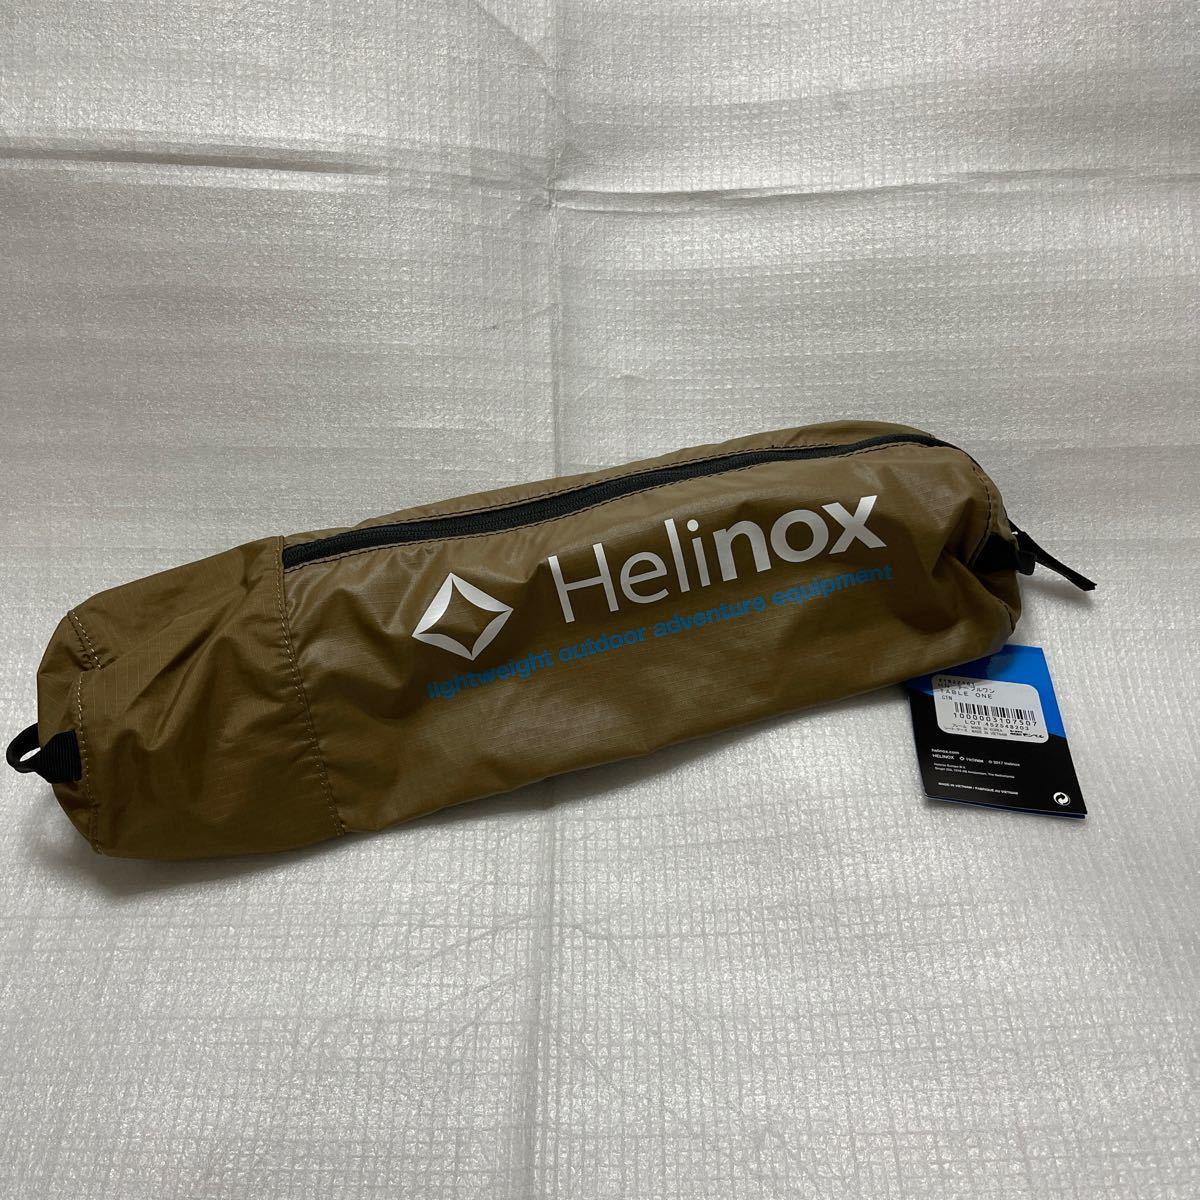 ヘリノックス Helinox テーブル ワン 純正ケース 新品 未使用